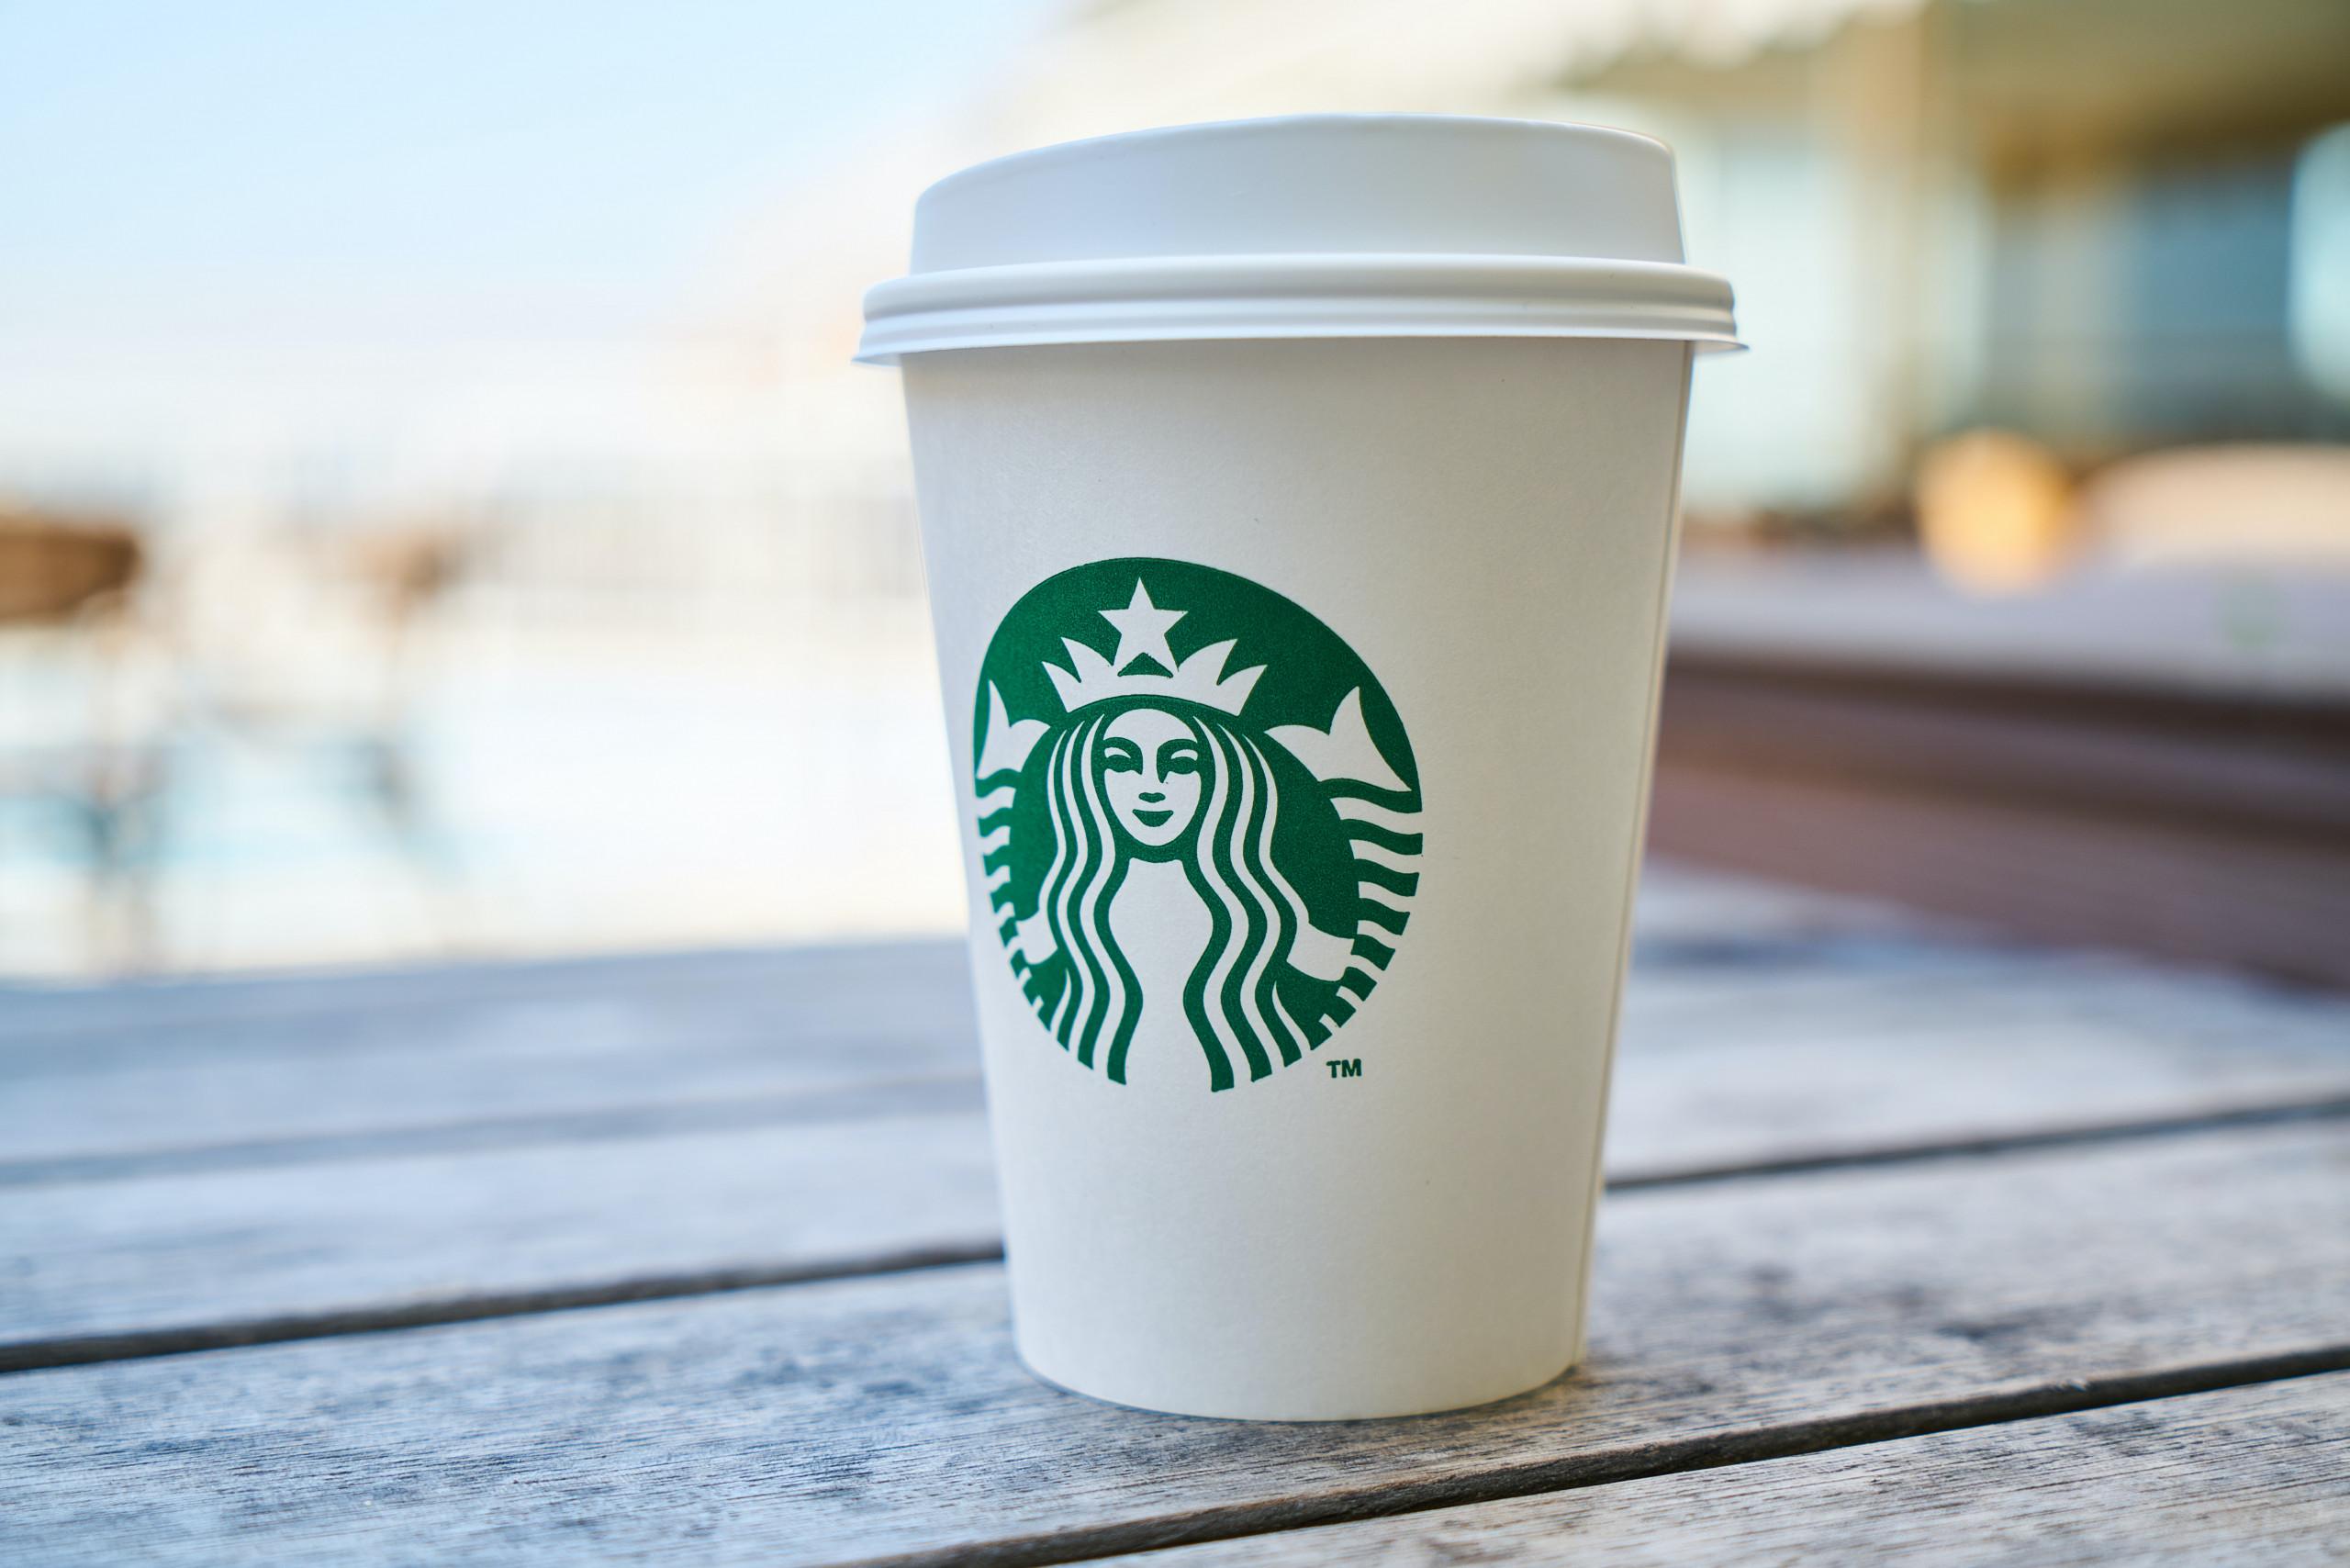 Ein Starbucks Becher